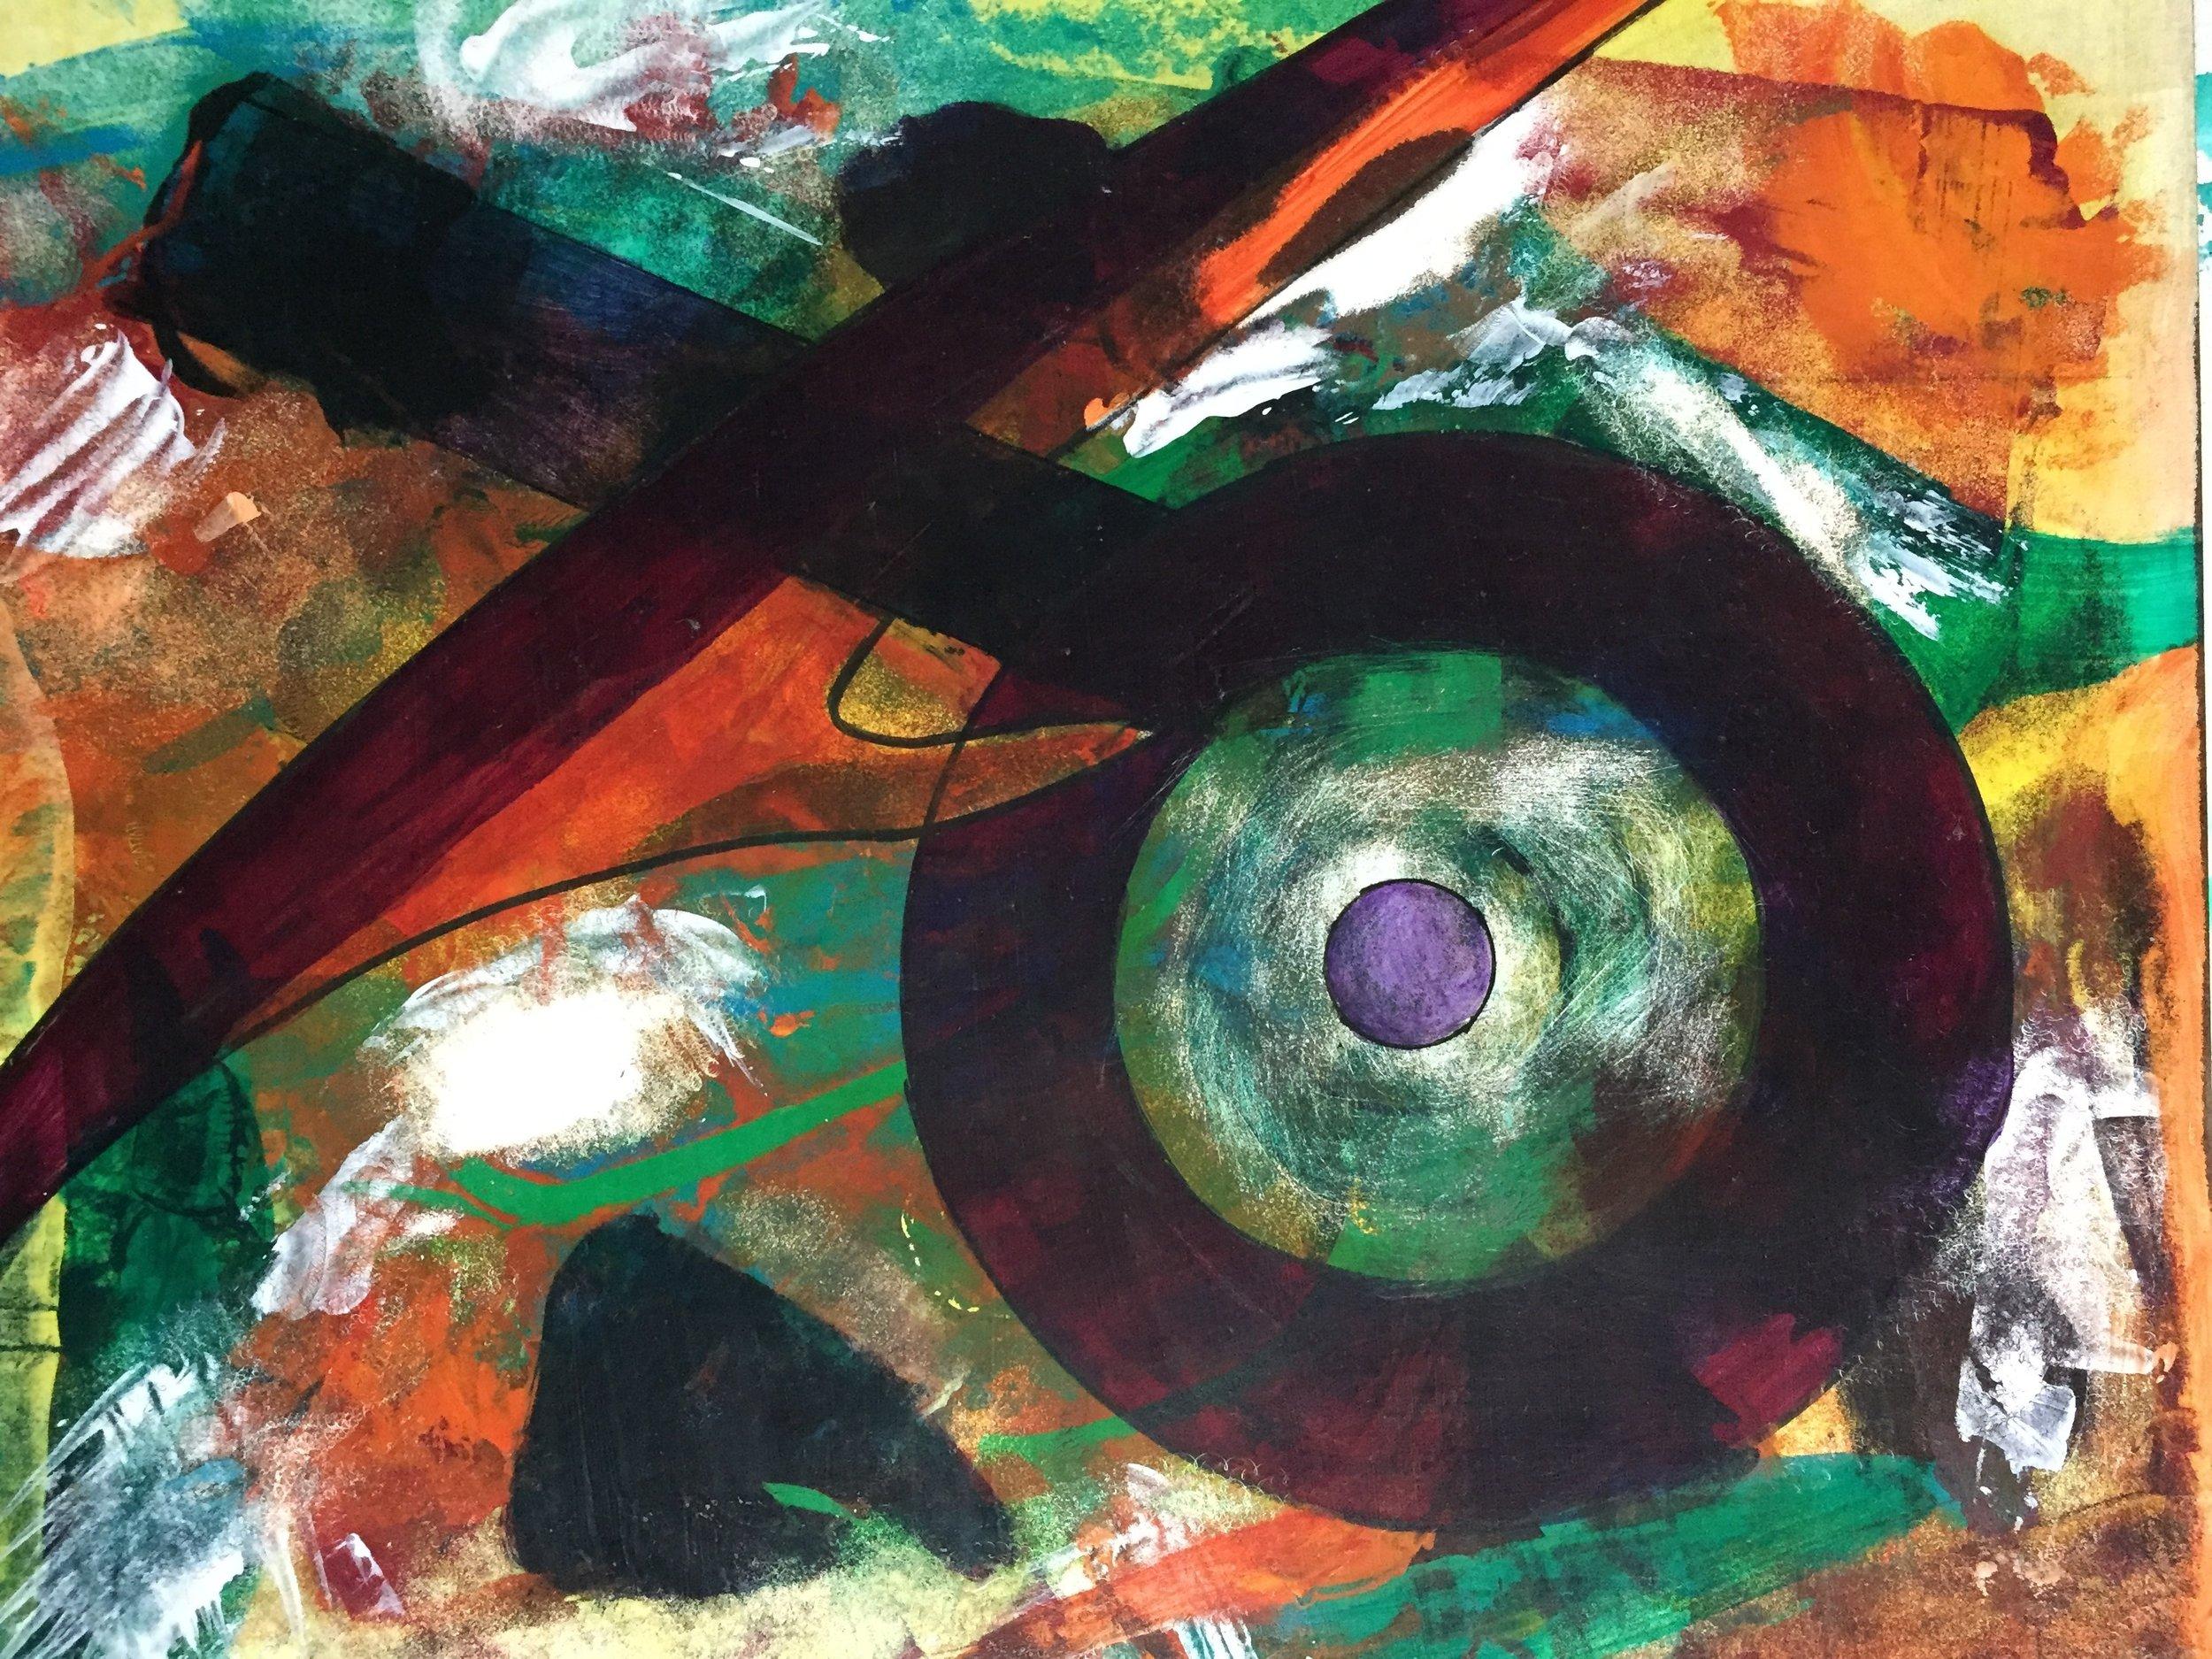 Wheel in Chaos 3-25-2019 9-34-11 AM.JPG